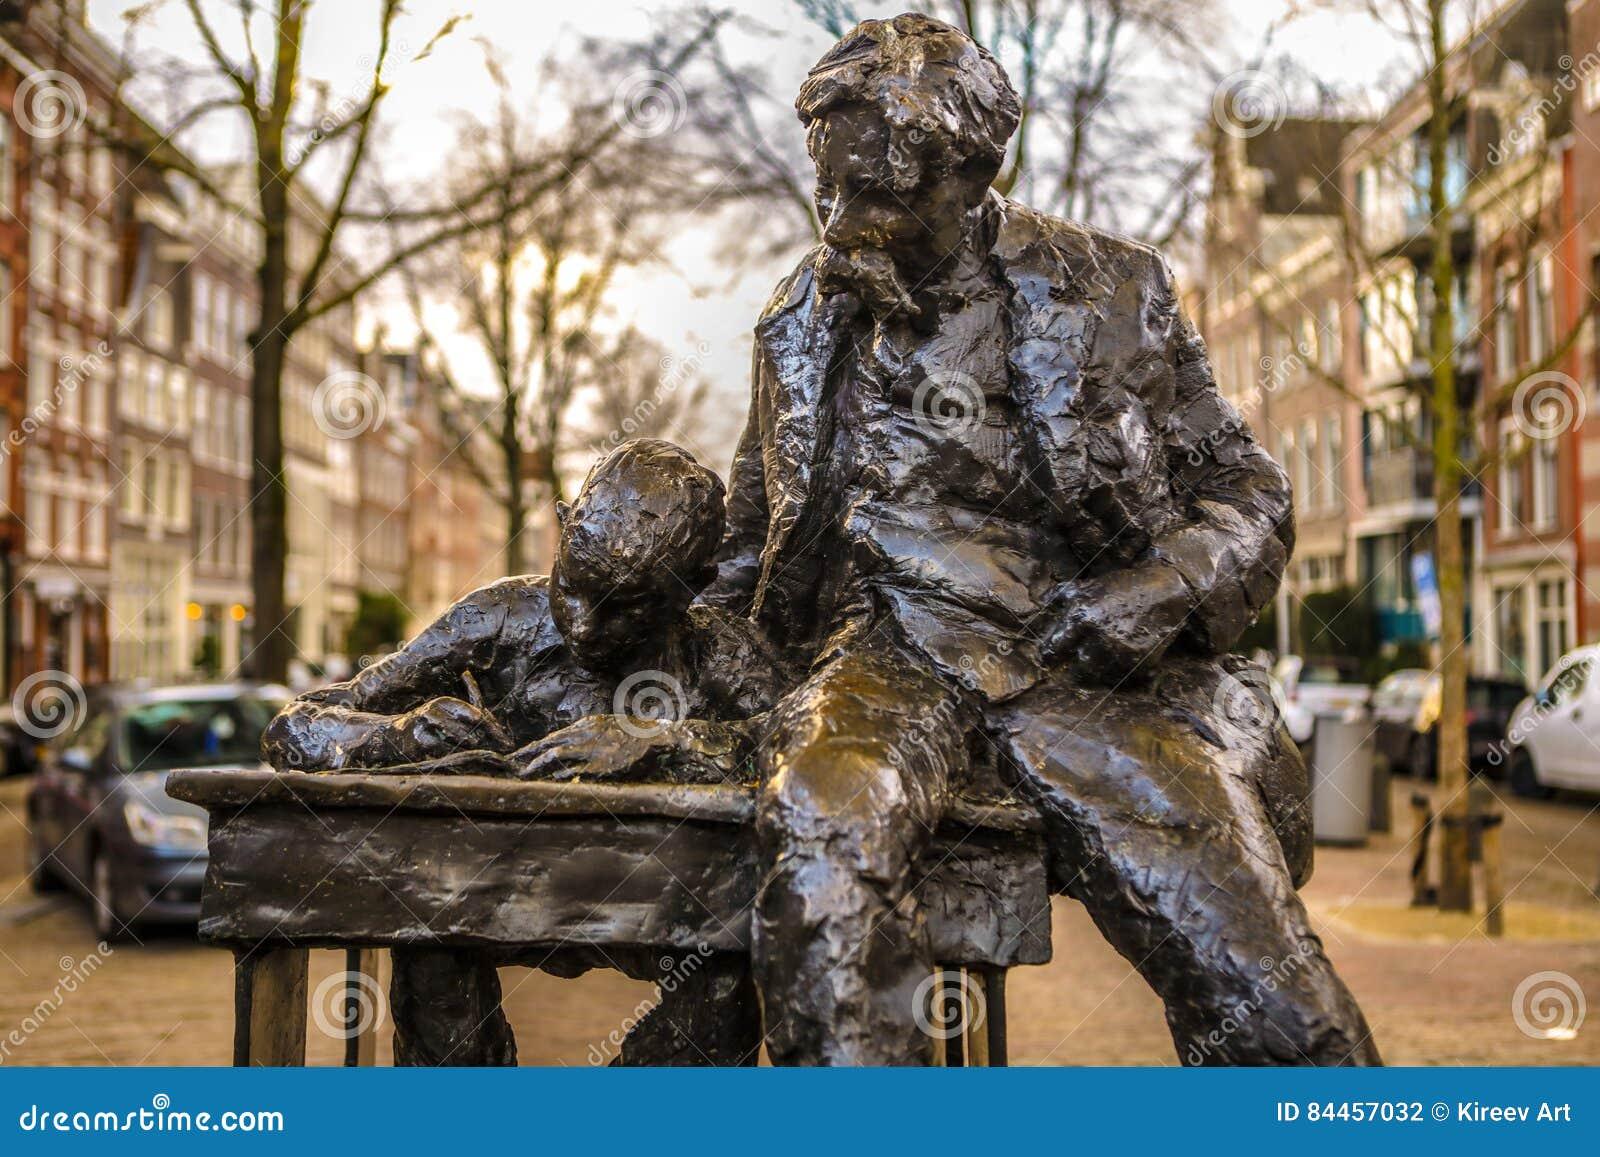 Famous Sculptures Of Amsterdam City Centre  General Landscape View